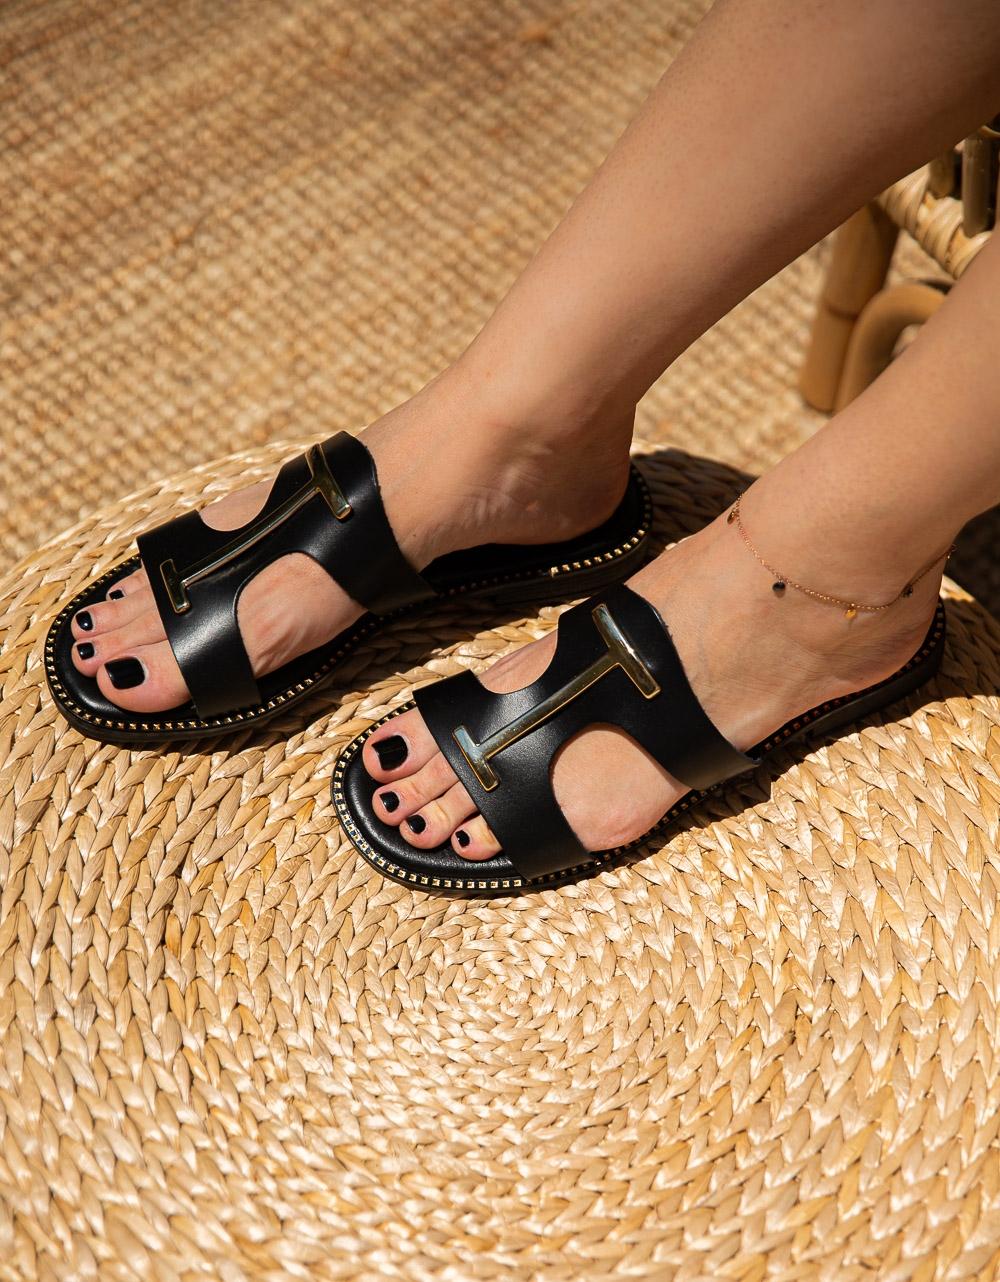 Εικόνα από Γυναικεία σανδάλια από γνήσιο δέρμα με μεταλλική αγκράφα Μαύρο